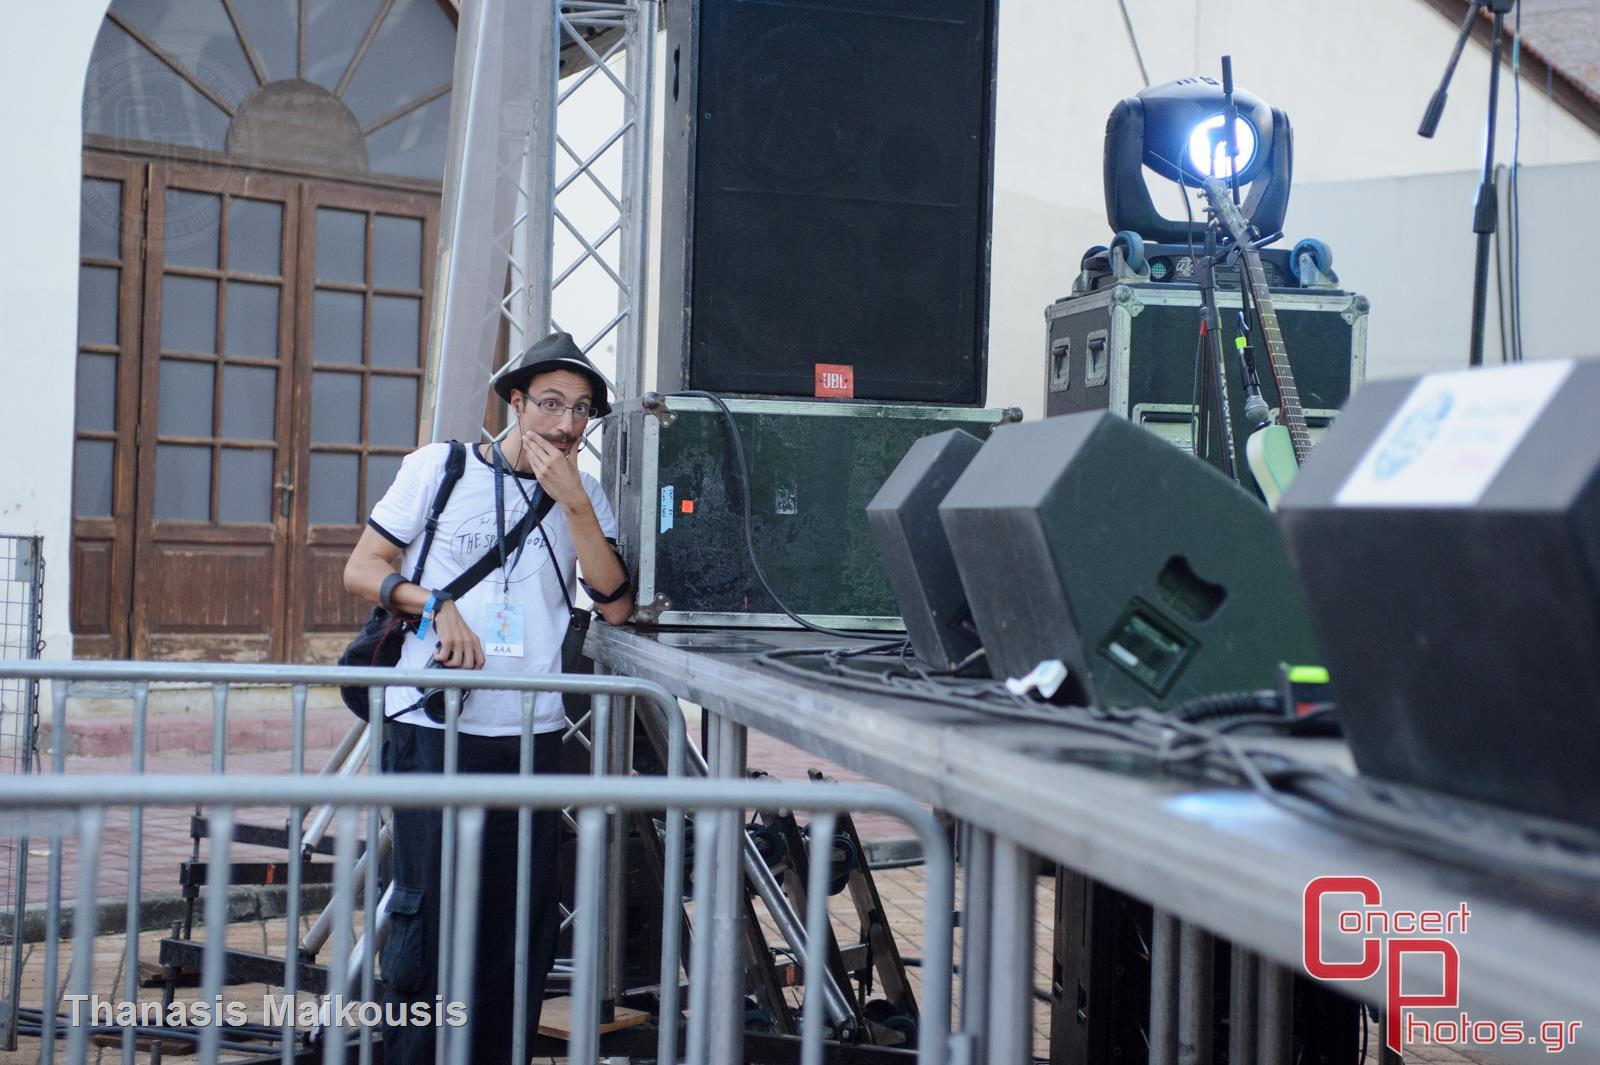 En Lefko 2014-En Lefko 2014 photographer: Thanasis Maikousis - concertphotos_20140620_20_44_21